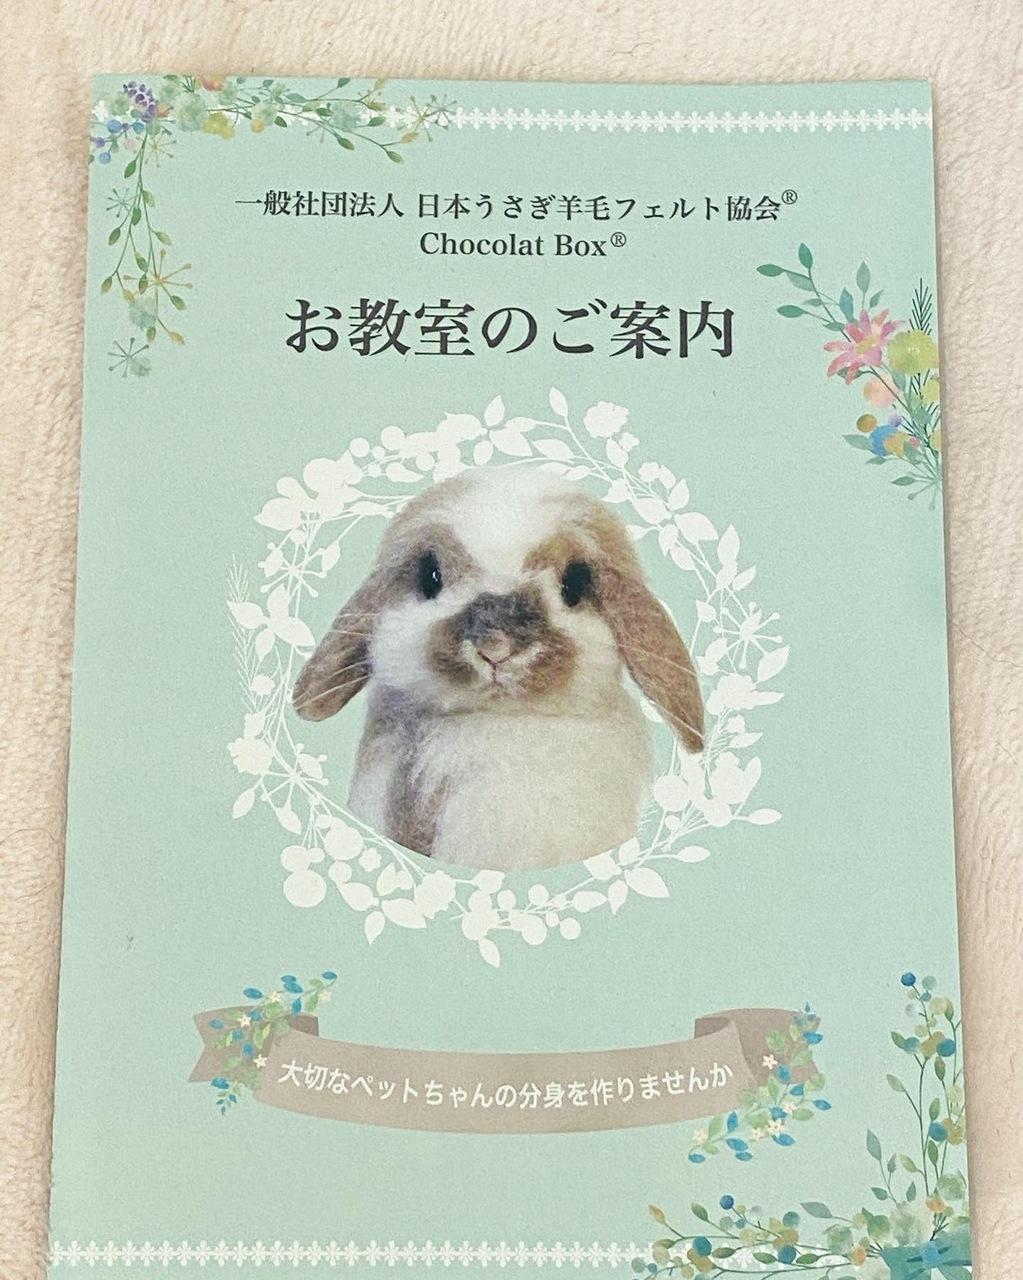 横浜アトリエ教室★Chocolat Box®︎(ショコラボックス)